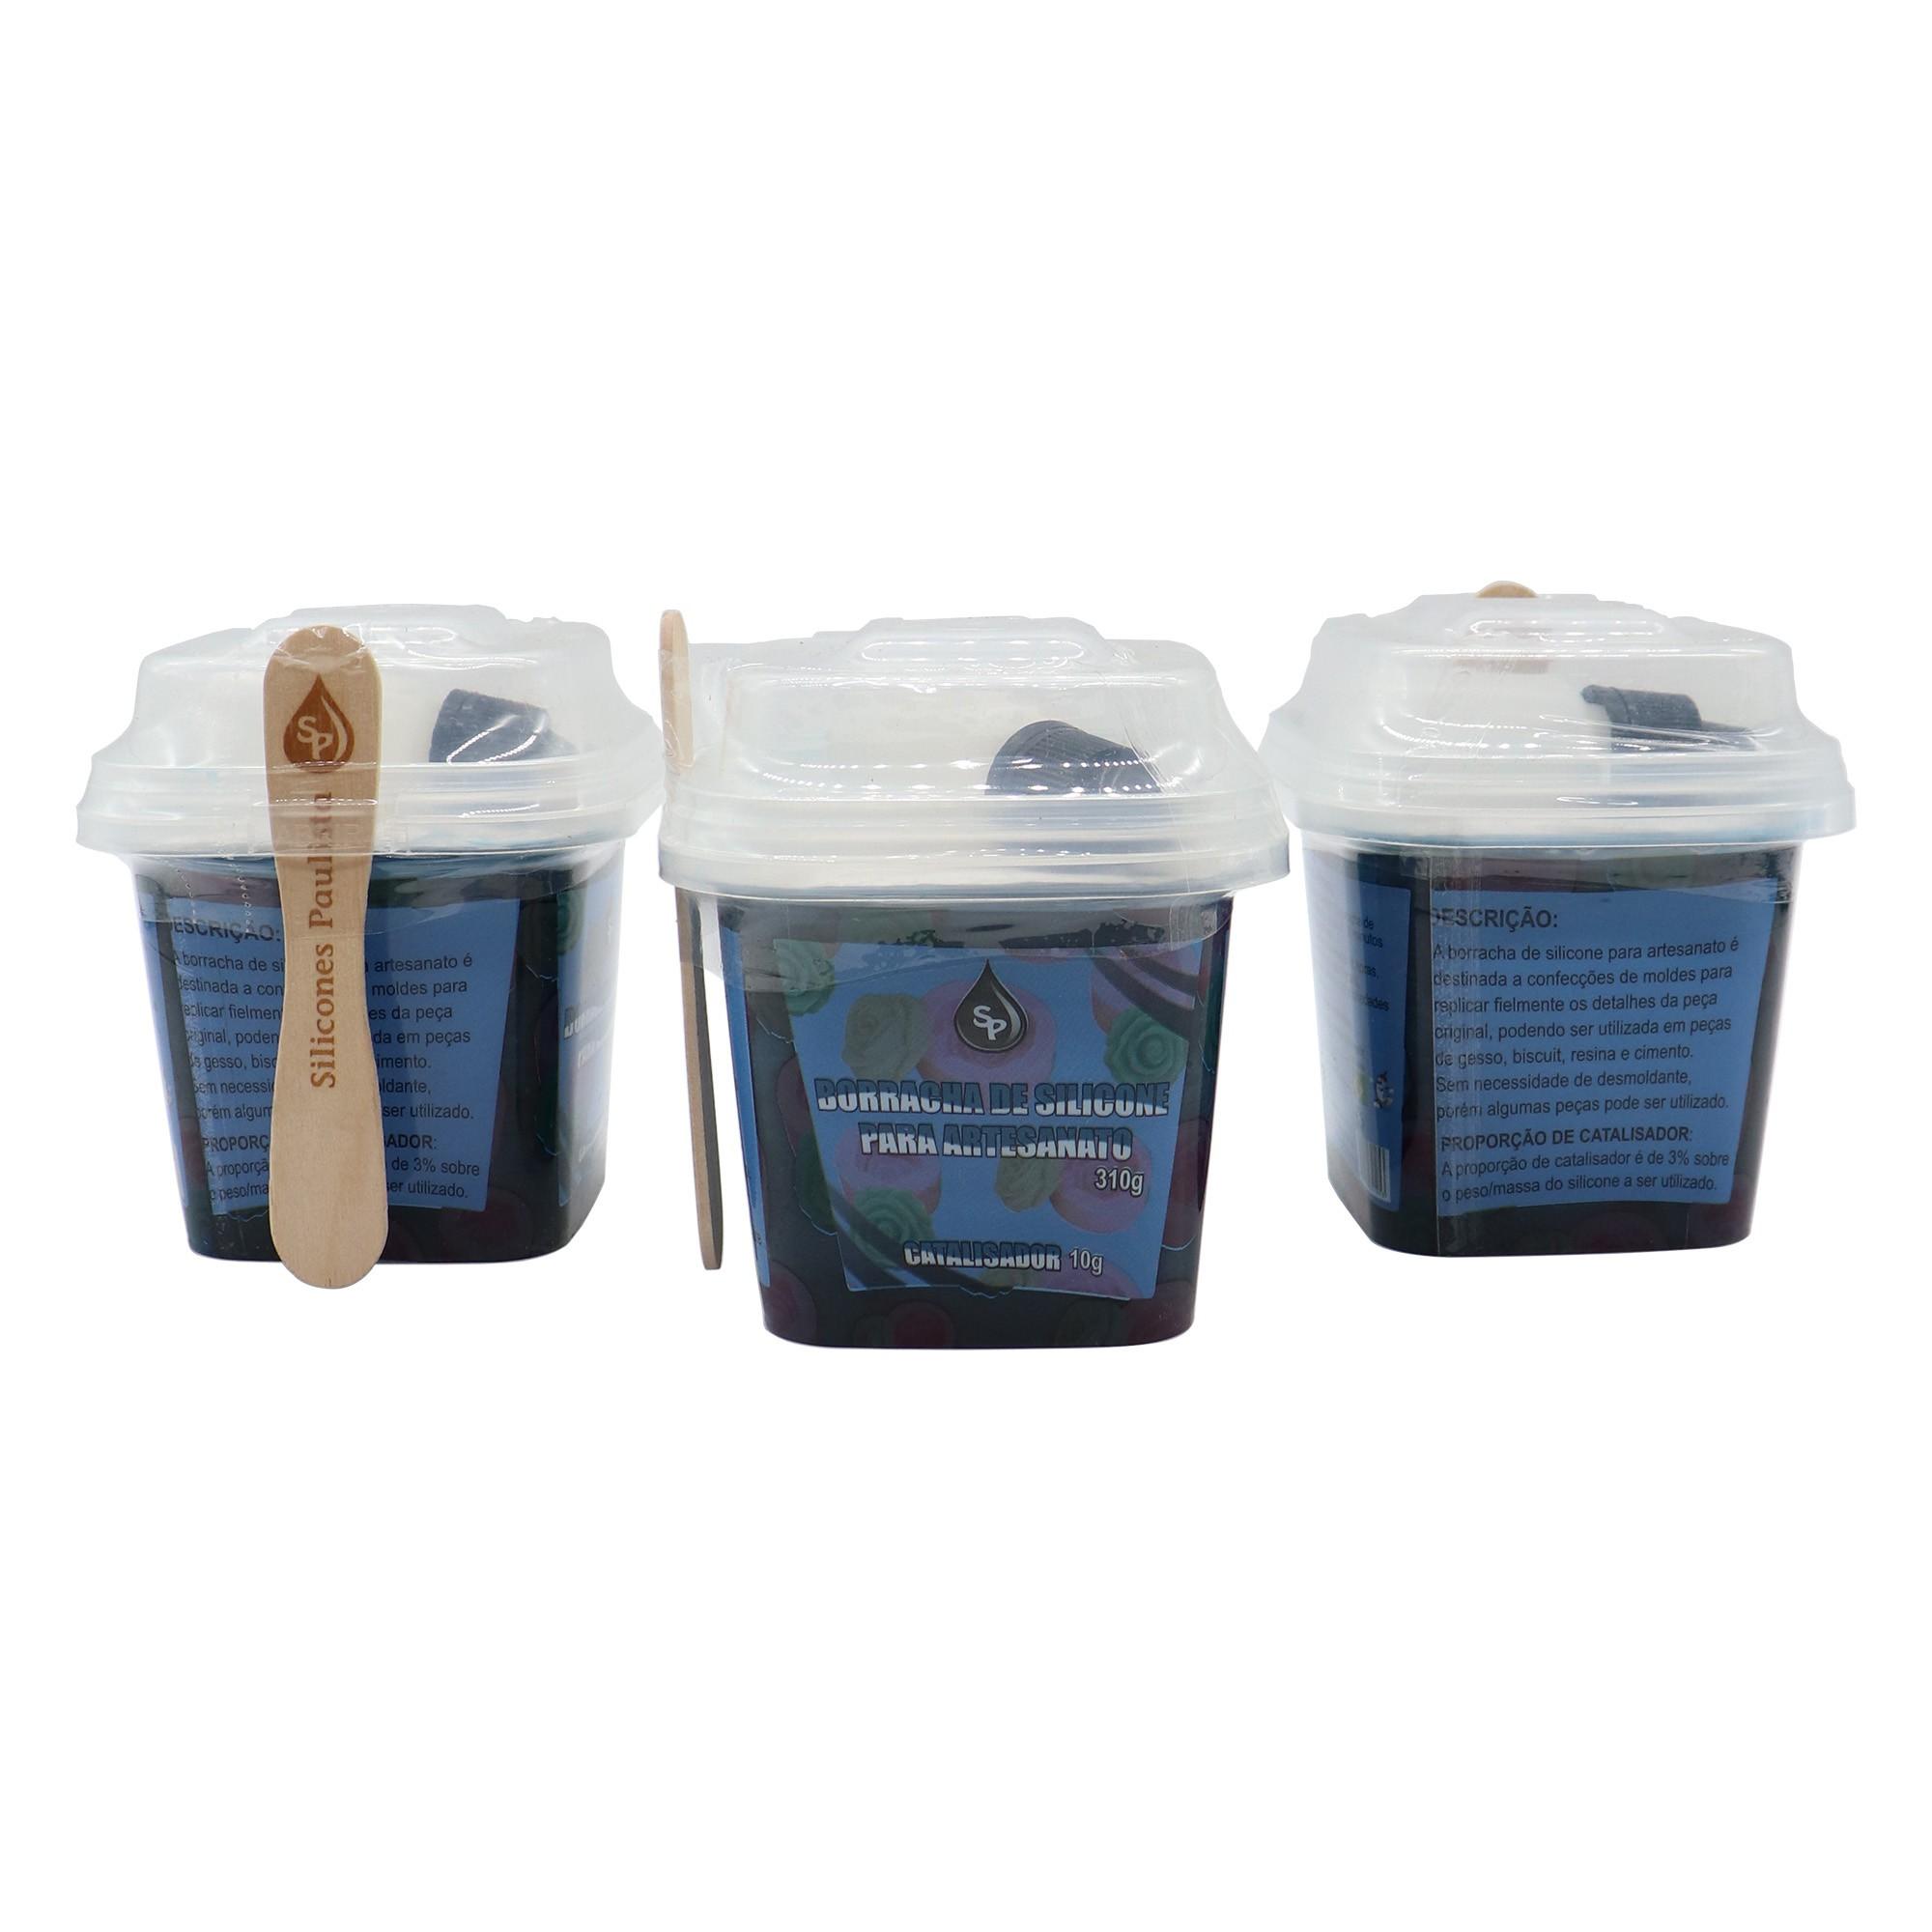 Borracha de Silicone para artesanato COR BRANCA ( 310g borracha / 10g catalizador)